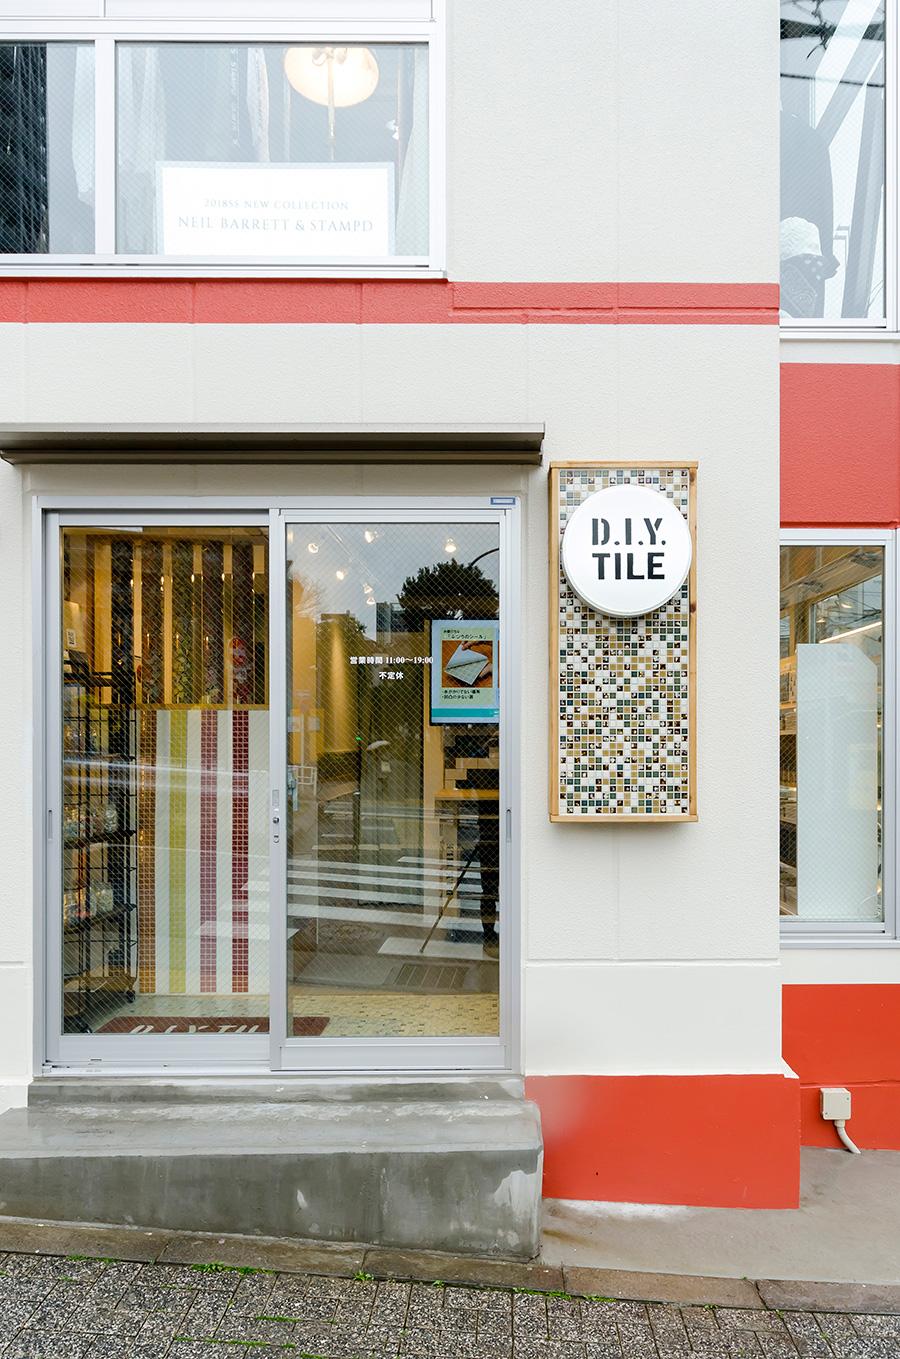 代官山の「D.I.Y.TILE」岐阜県多治見市の窯業メーカーのタイルを扱う。